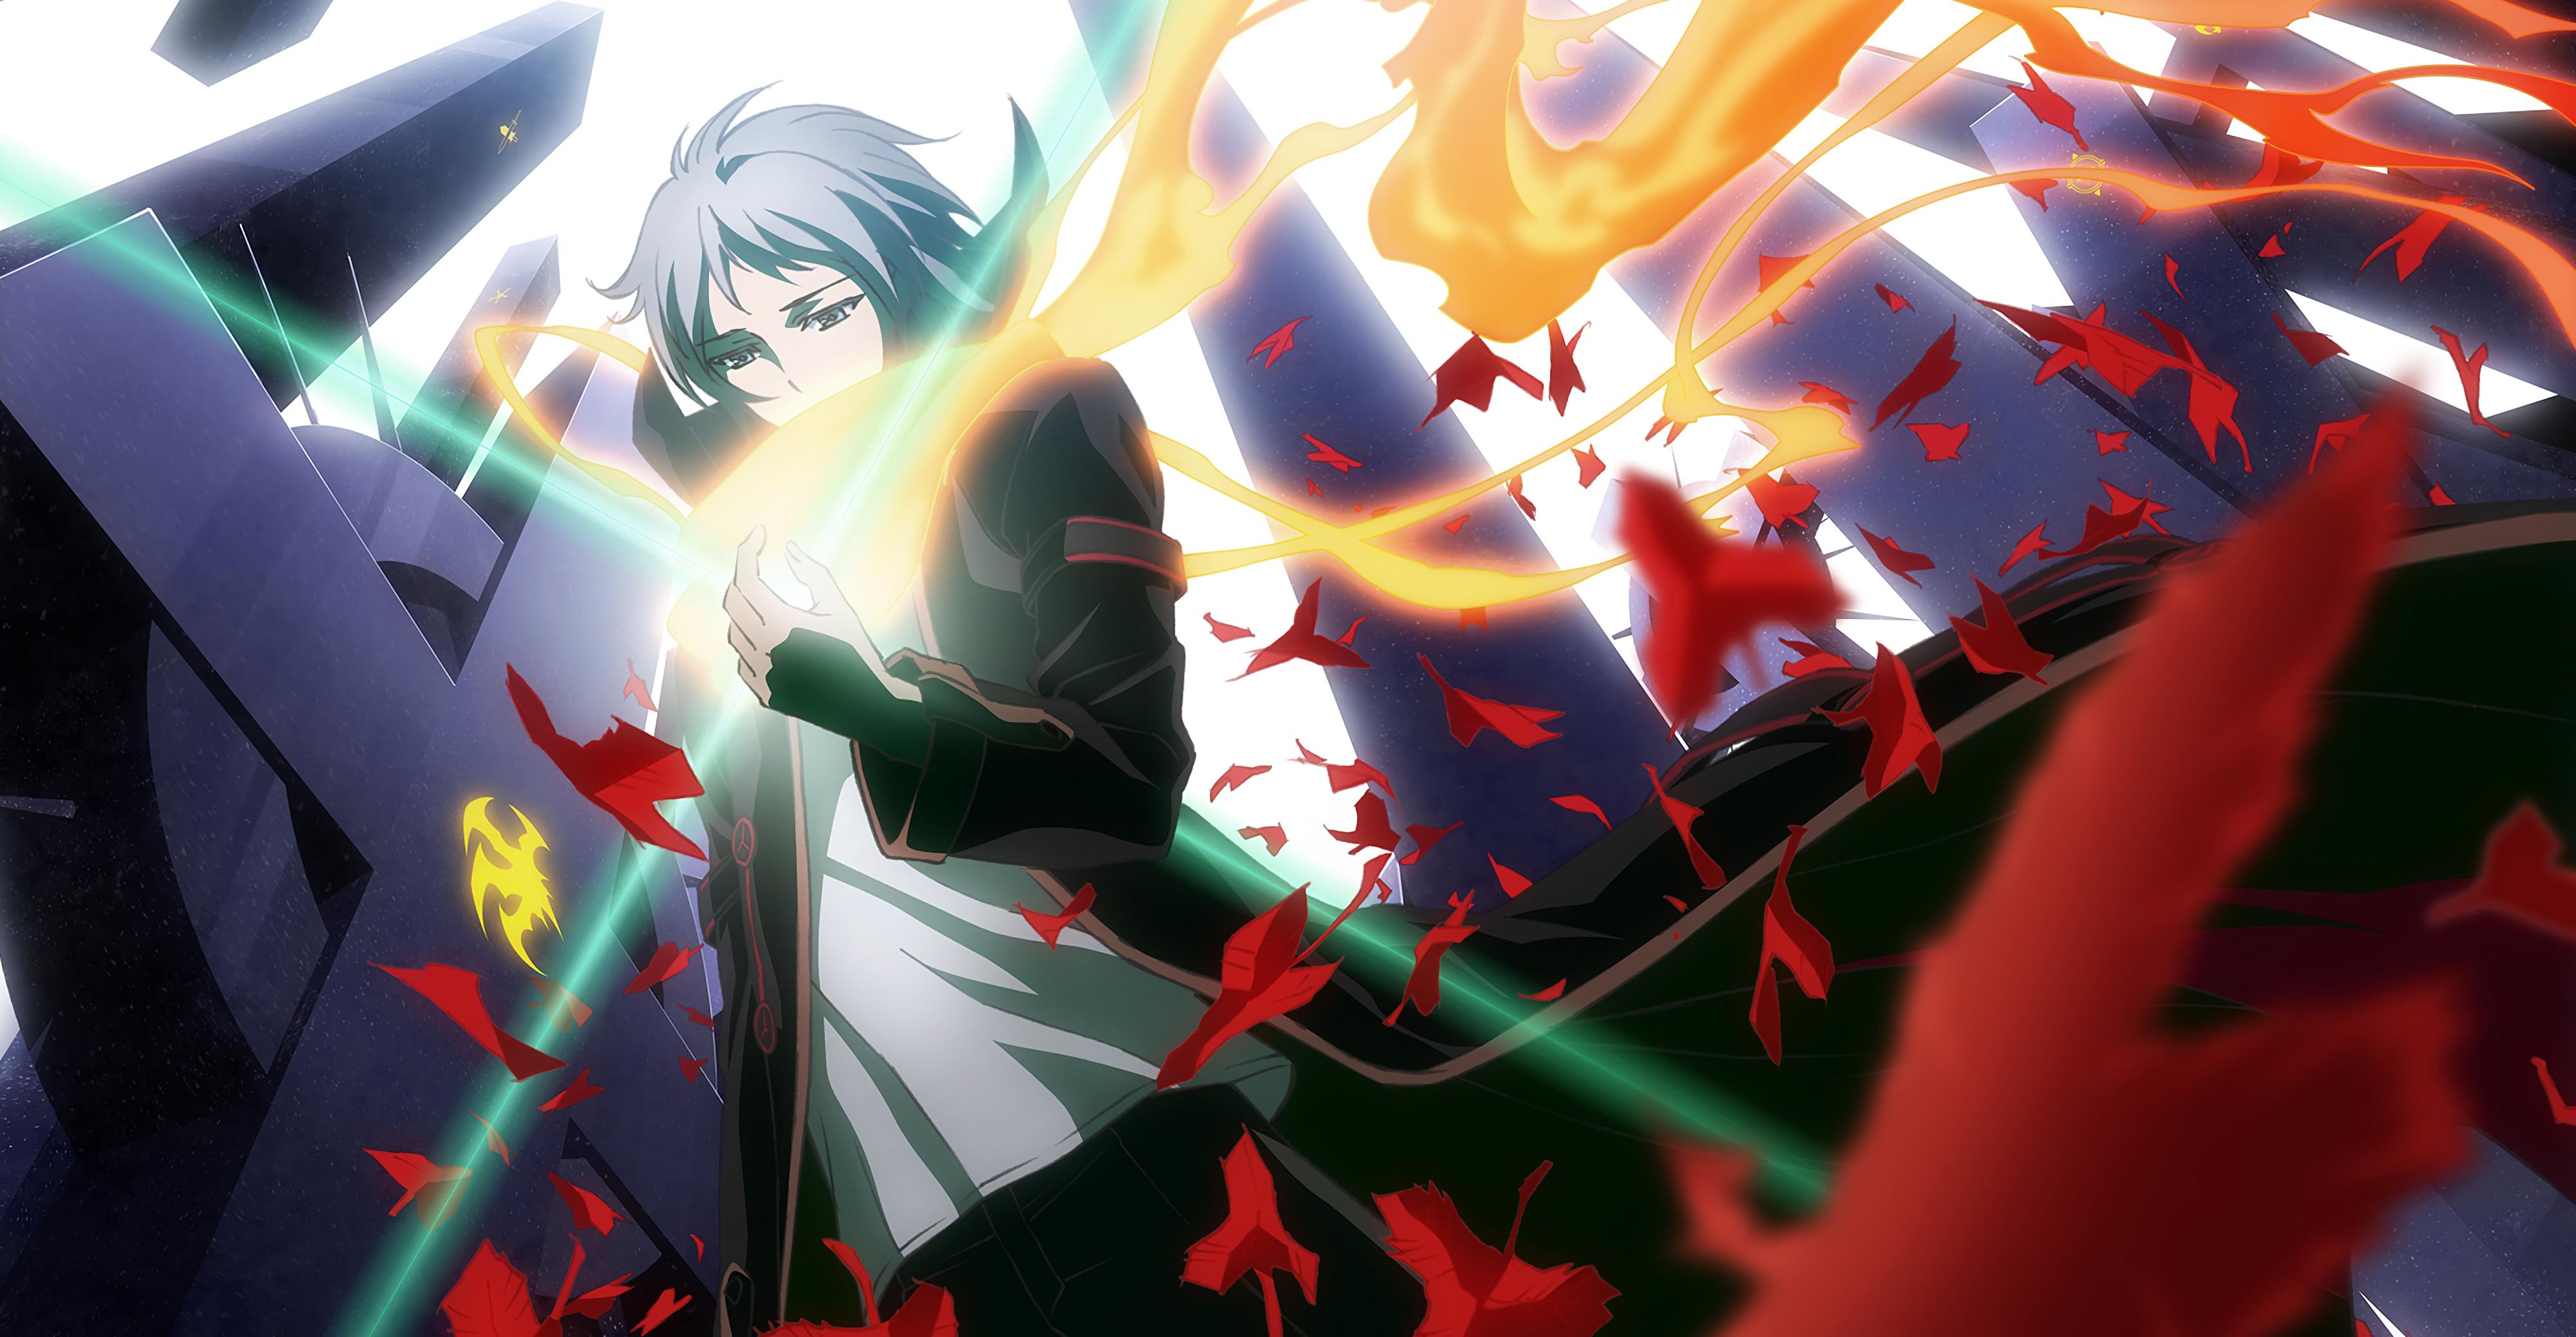 LIGHT DOWNLOADS: Gin no Guardian (Anime)